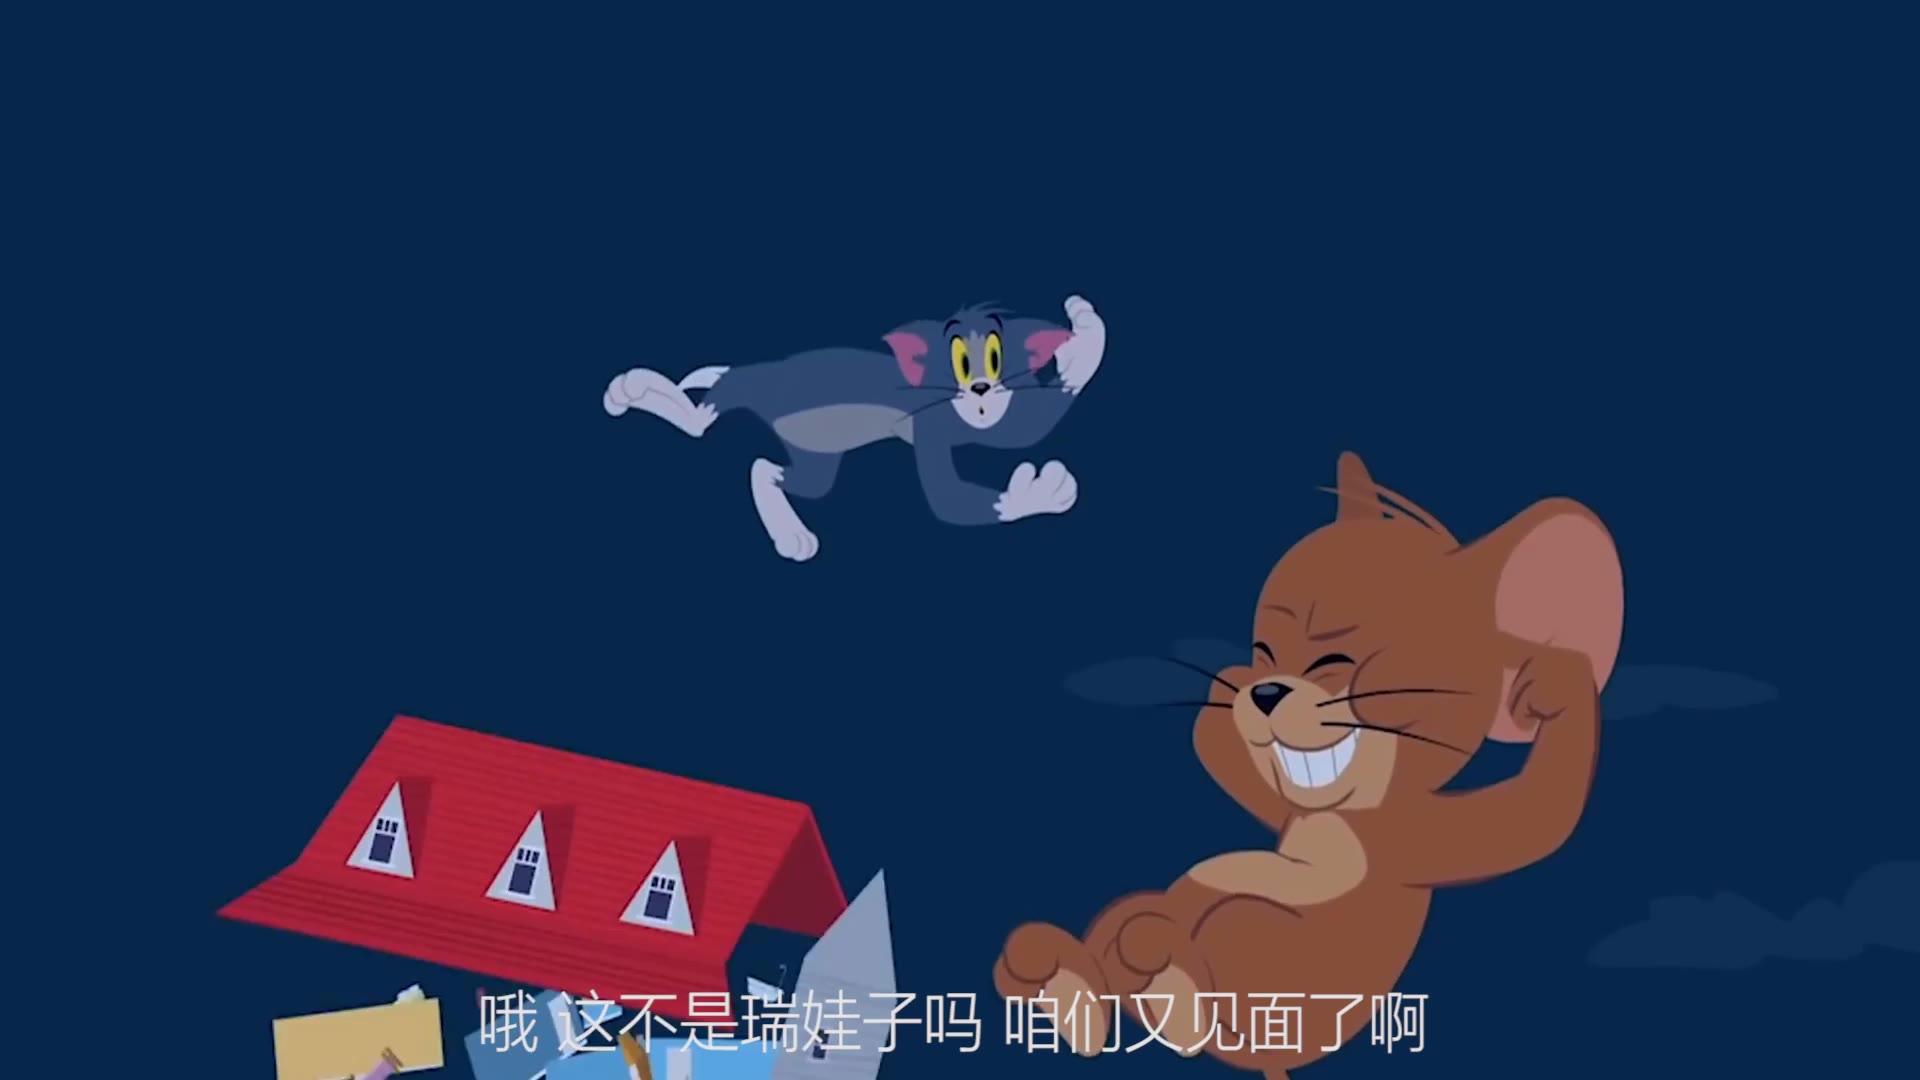 猫和老鼠方言配音:杰瑞不相信命运,高喊:我的命运由我不由天!